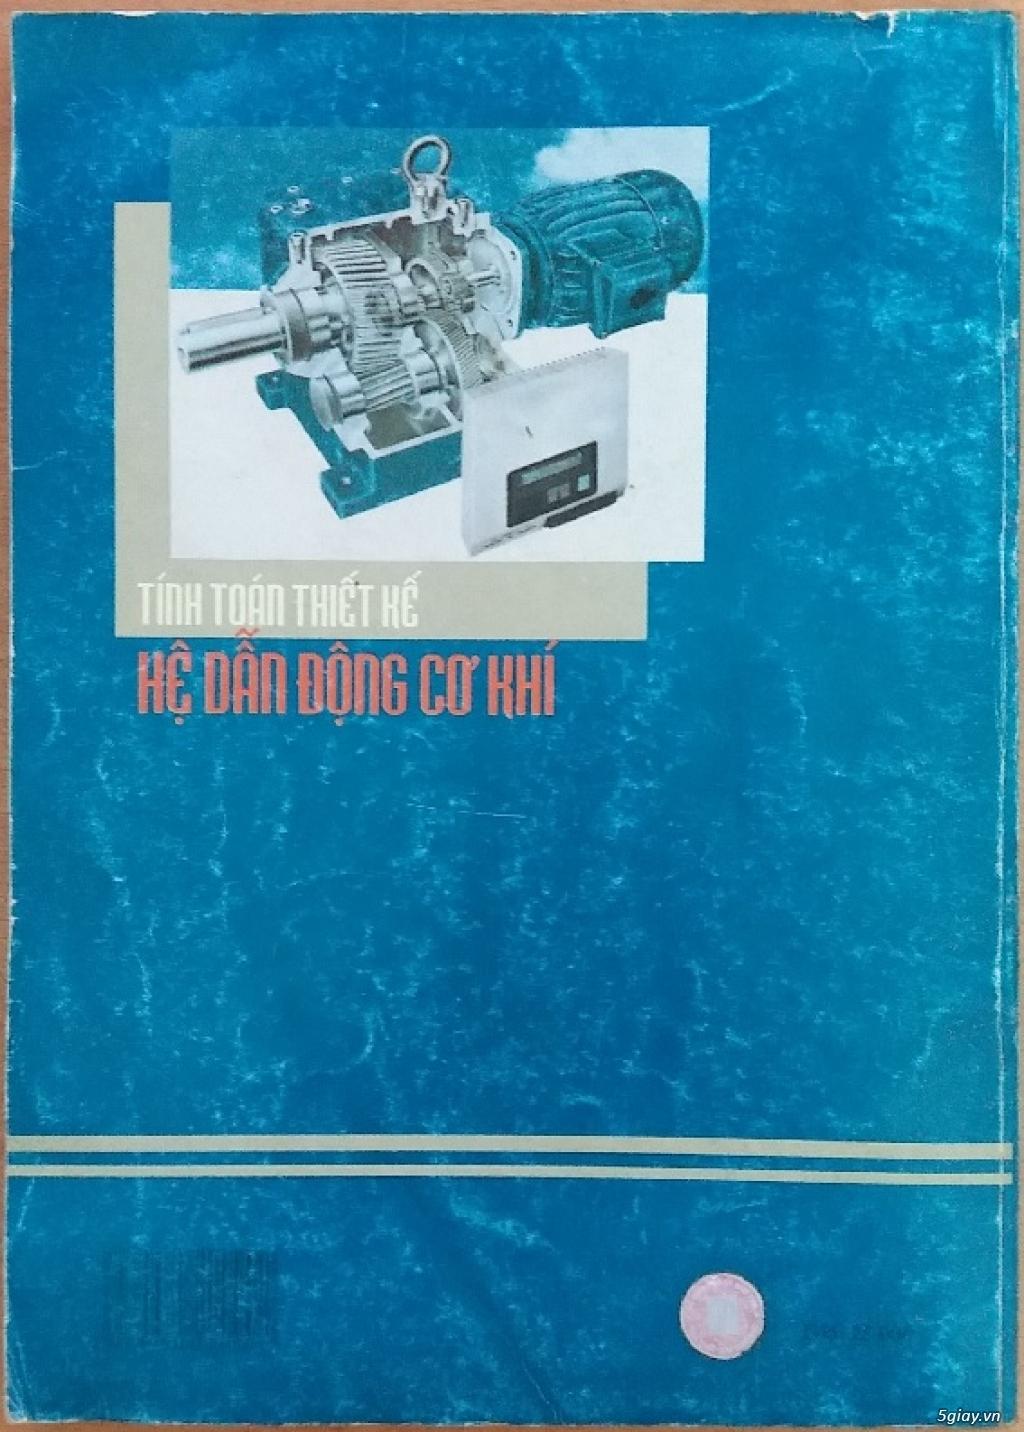 Thanh lý giáo trình đại học (kinh tế, kỹ thuật, Mác Lê Nin), truyện chữ Thuỷ Hử - 1